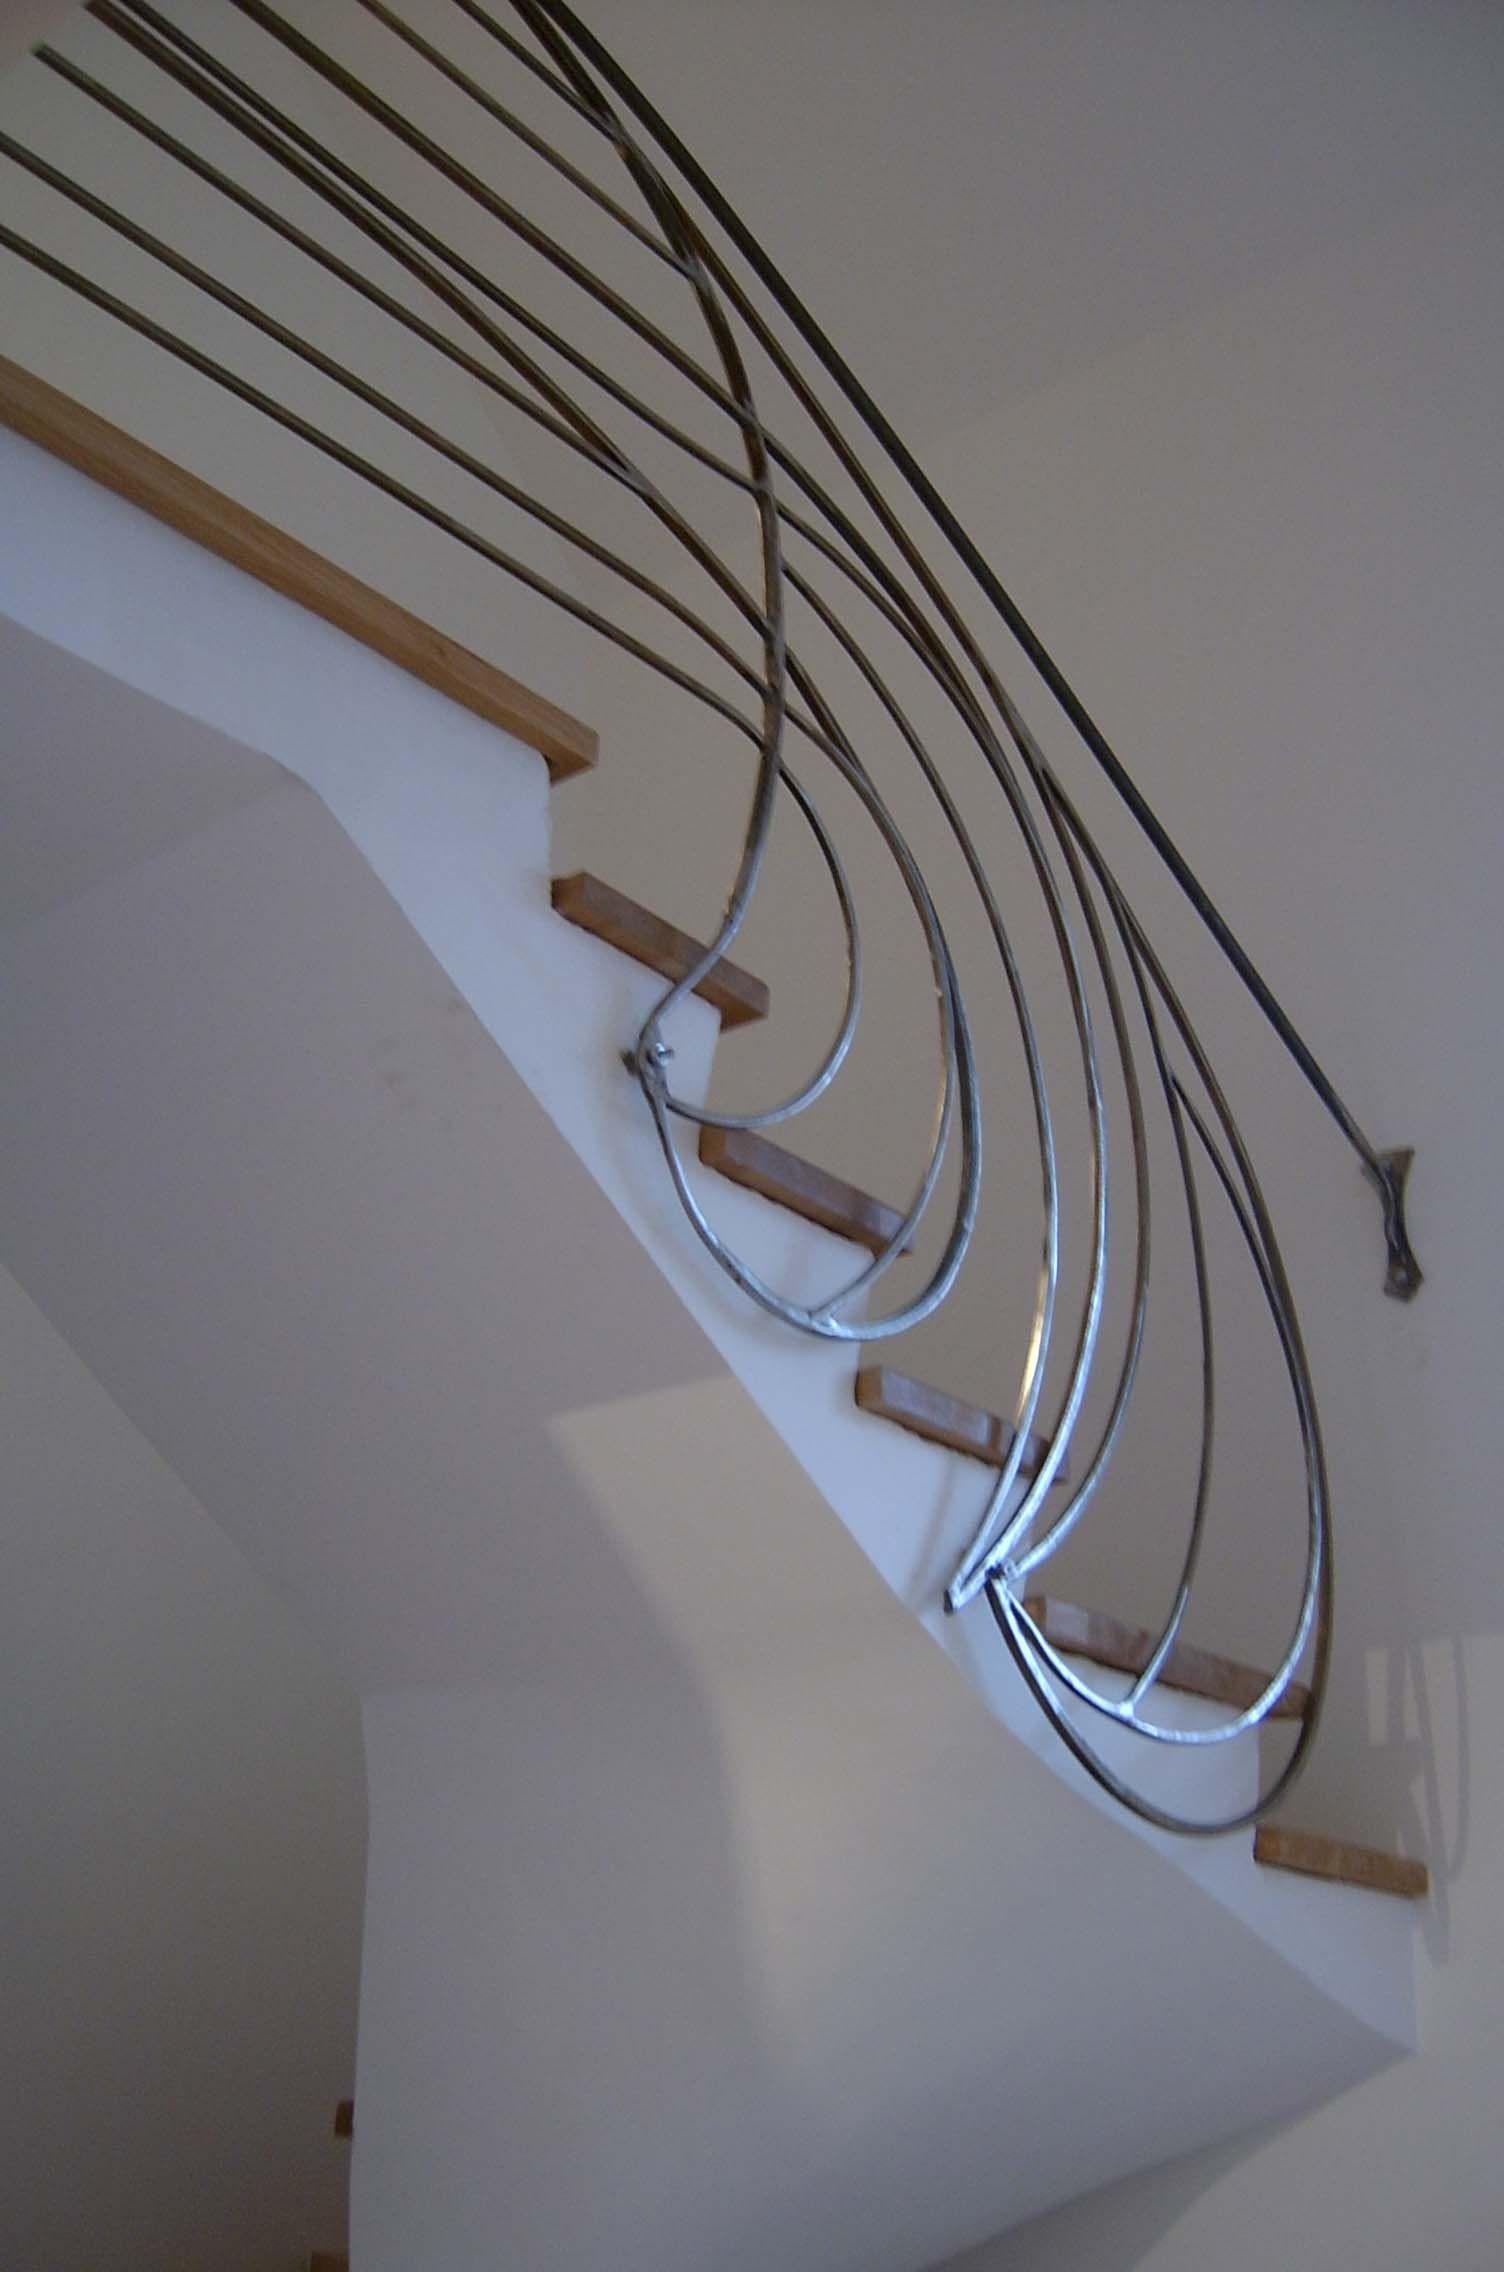 rampe d 39 escalier en fer forg arts and crafts pinterest escalier en fer forg rampes et. Black Bedroom Furniture Sets. Home Design Ideas